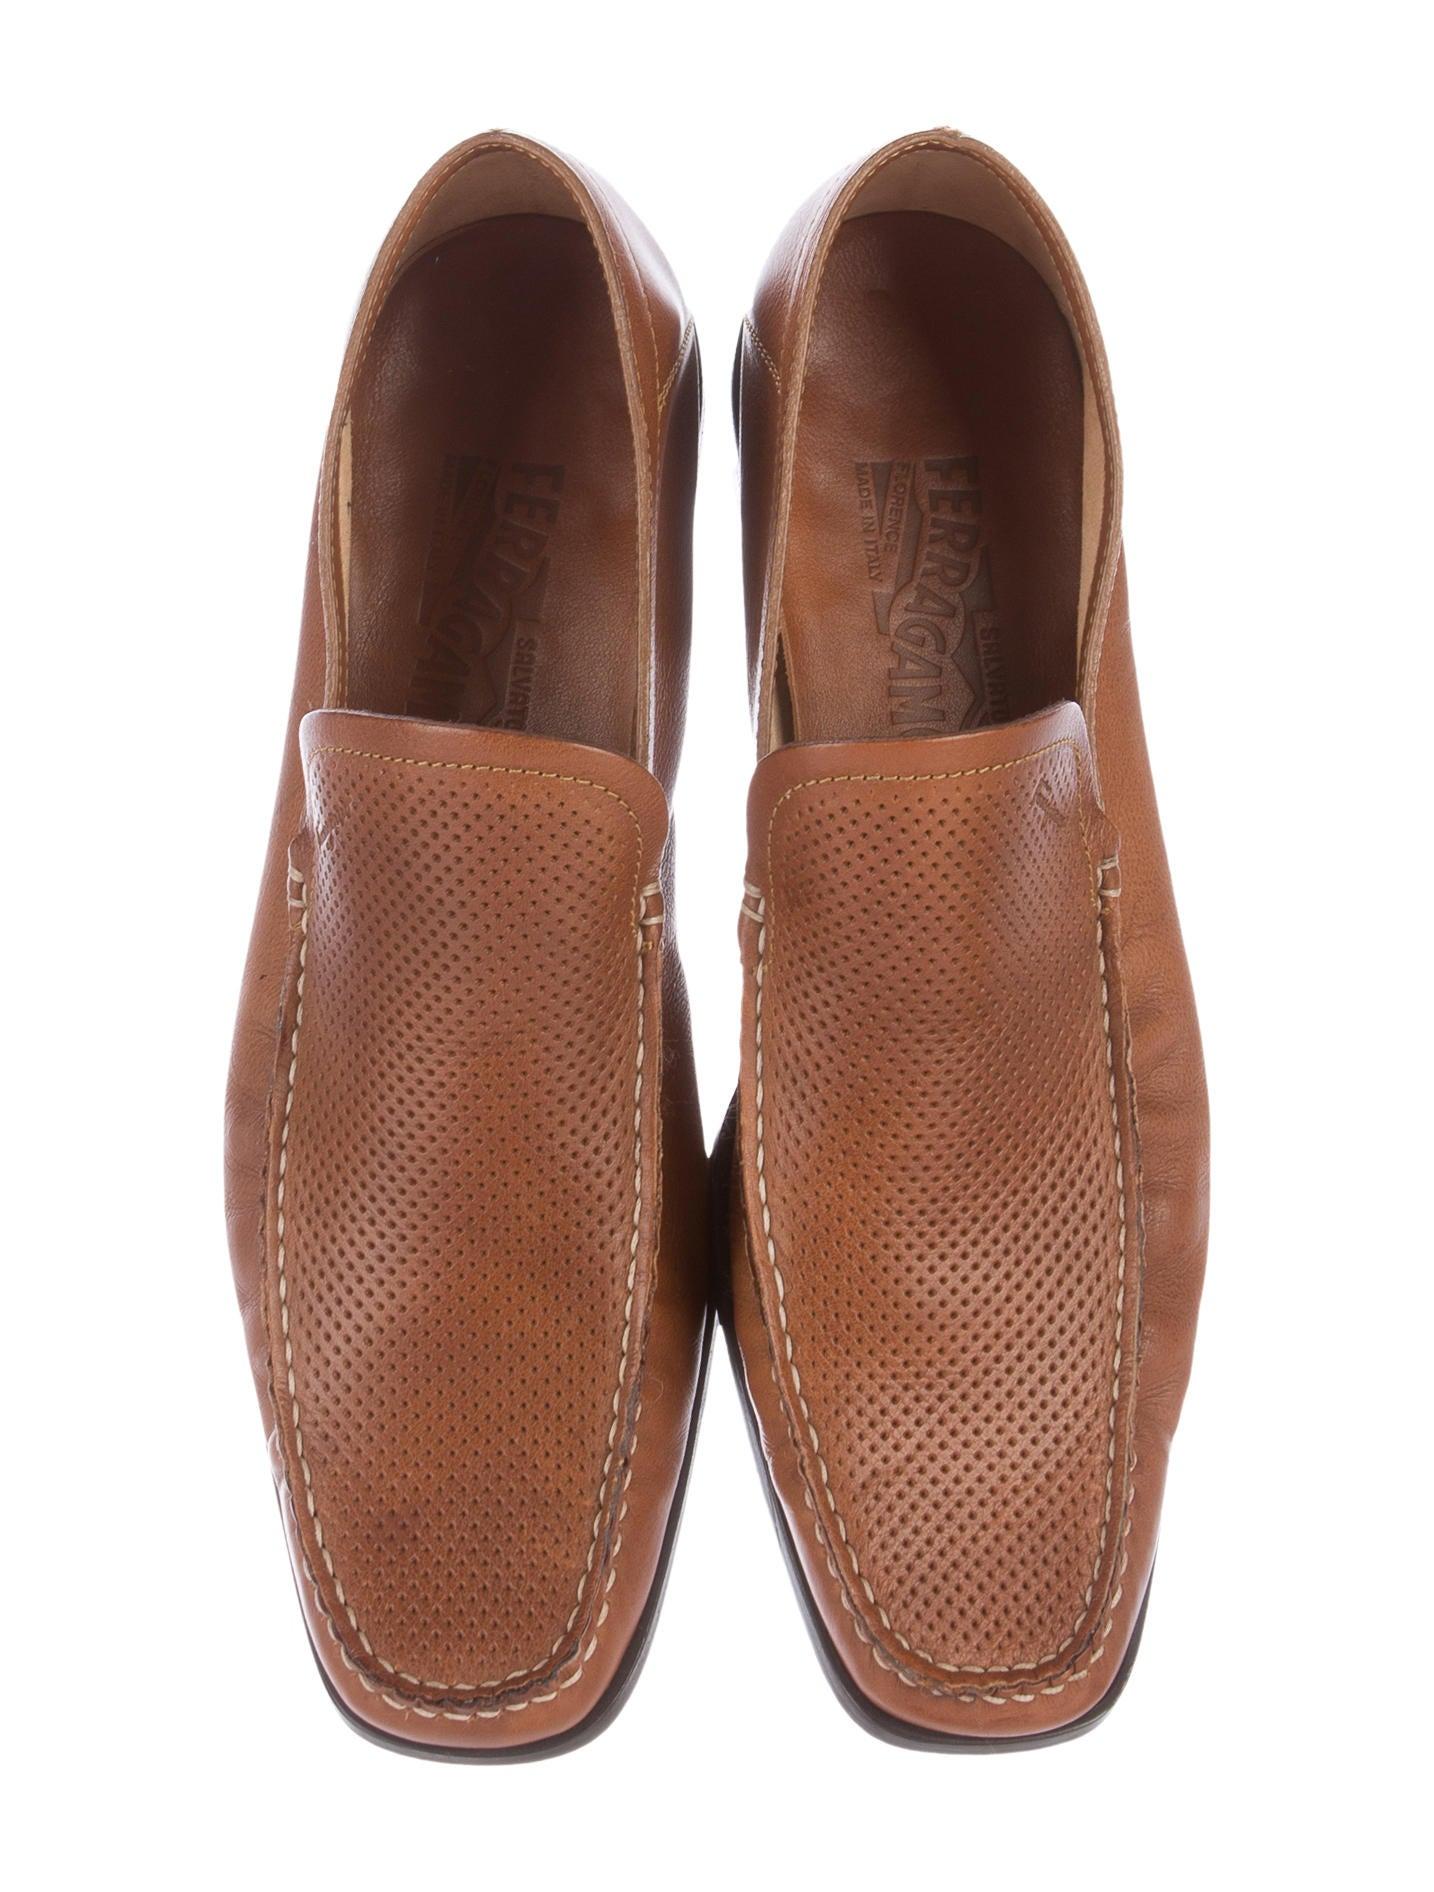 salvatore ferragamo leather dress shoes shoes sal47053